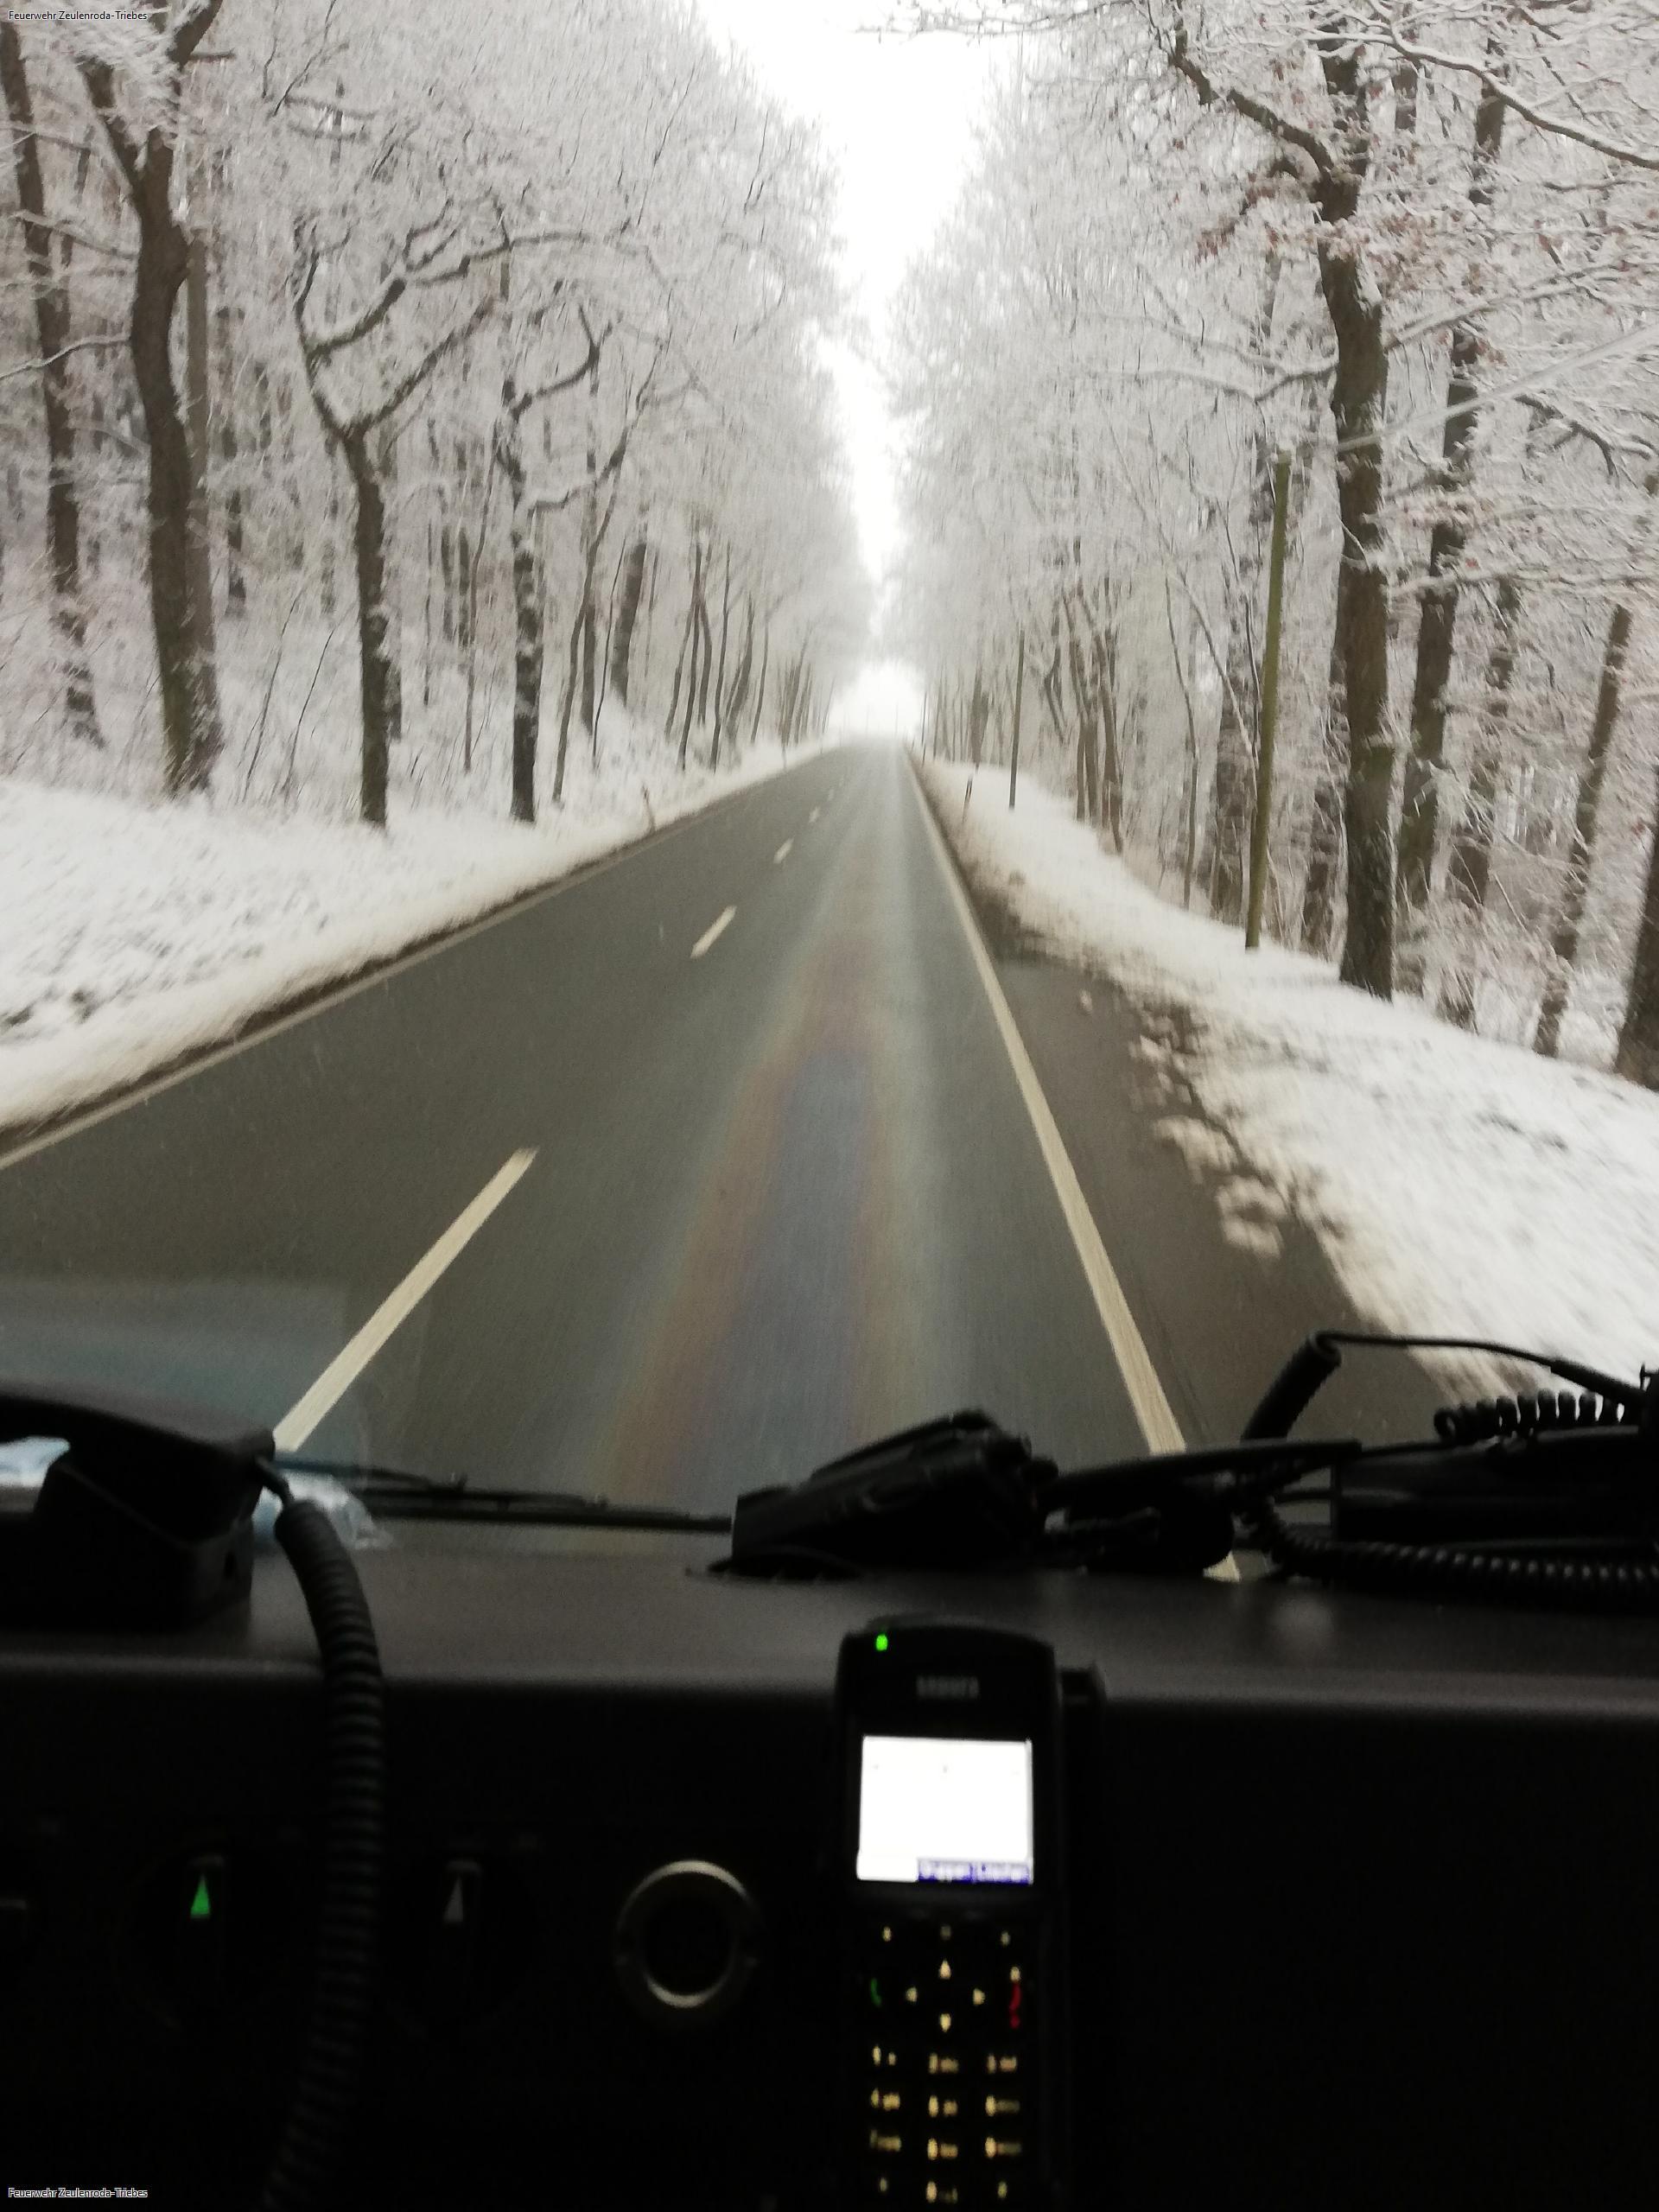 Feuerwehren waren von Zeulenroda bis Greiz unterwegs zur Beseitigung